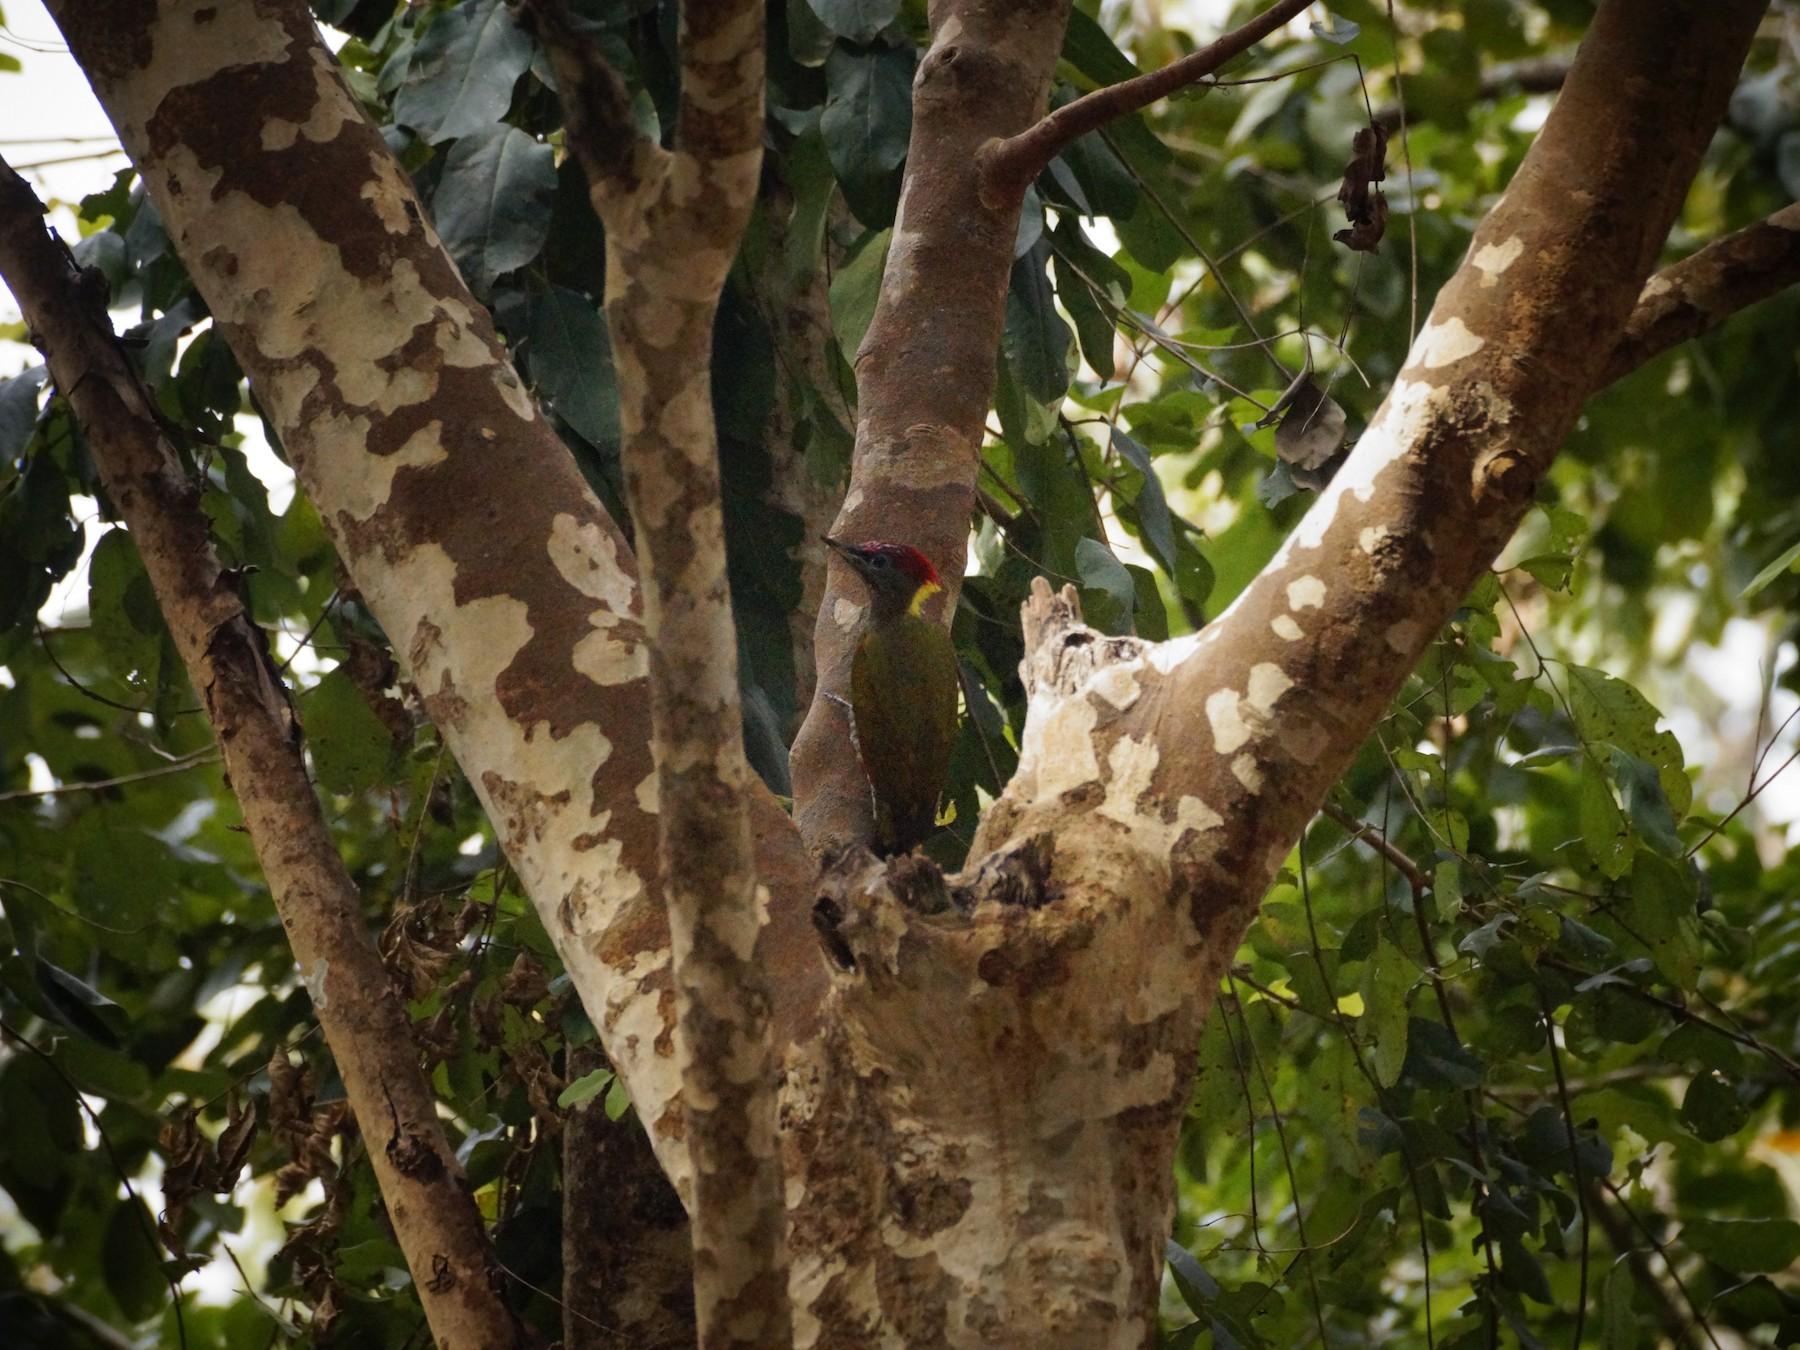 Lesser Yellownape - Subin Sudheendran